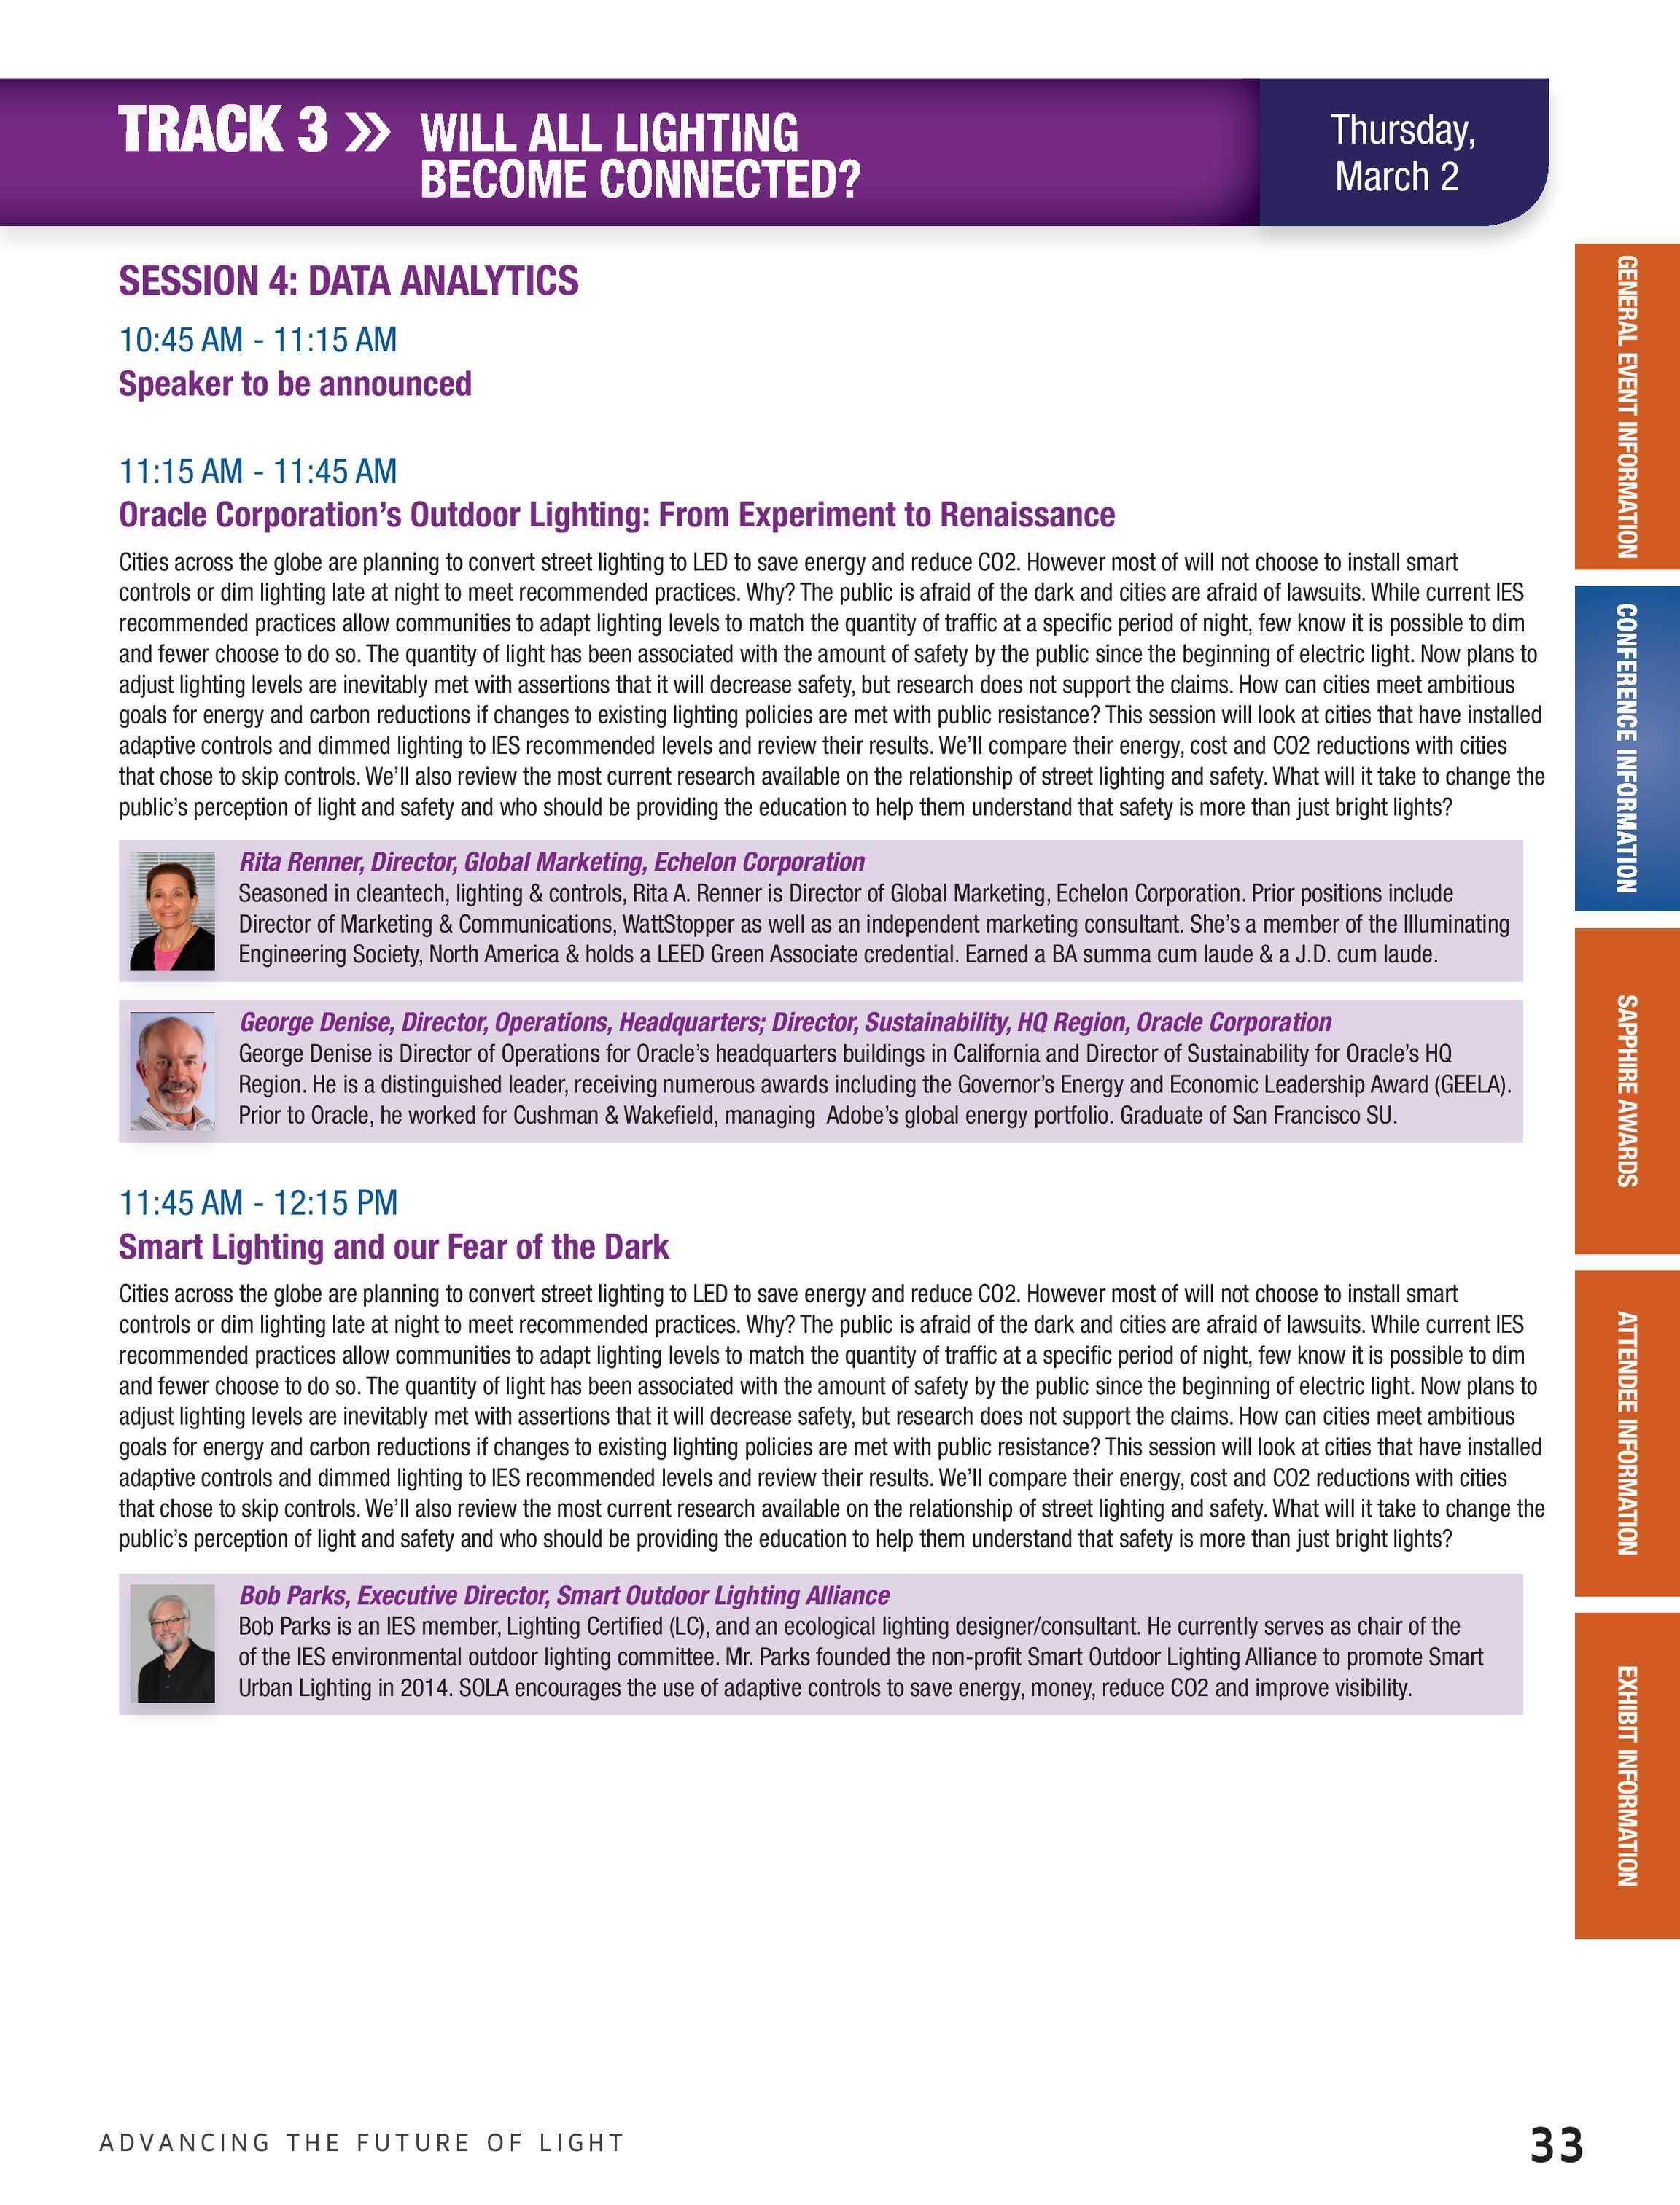 Pennwell Supplements - Strategies in Light 2017 Program